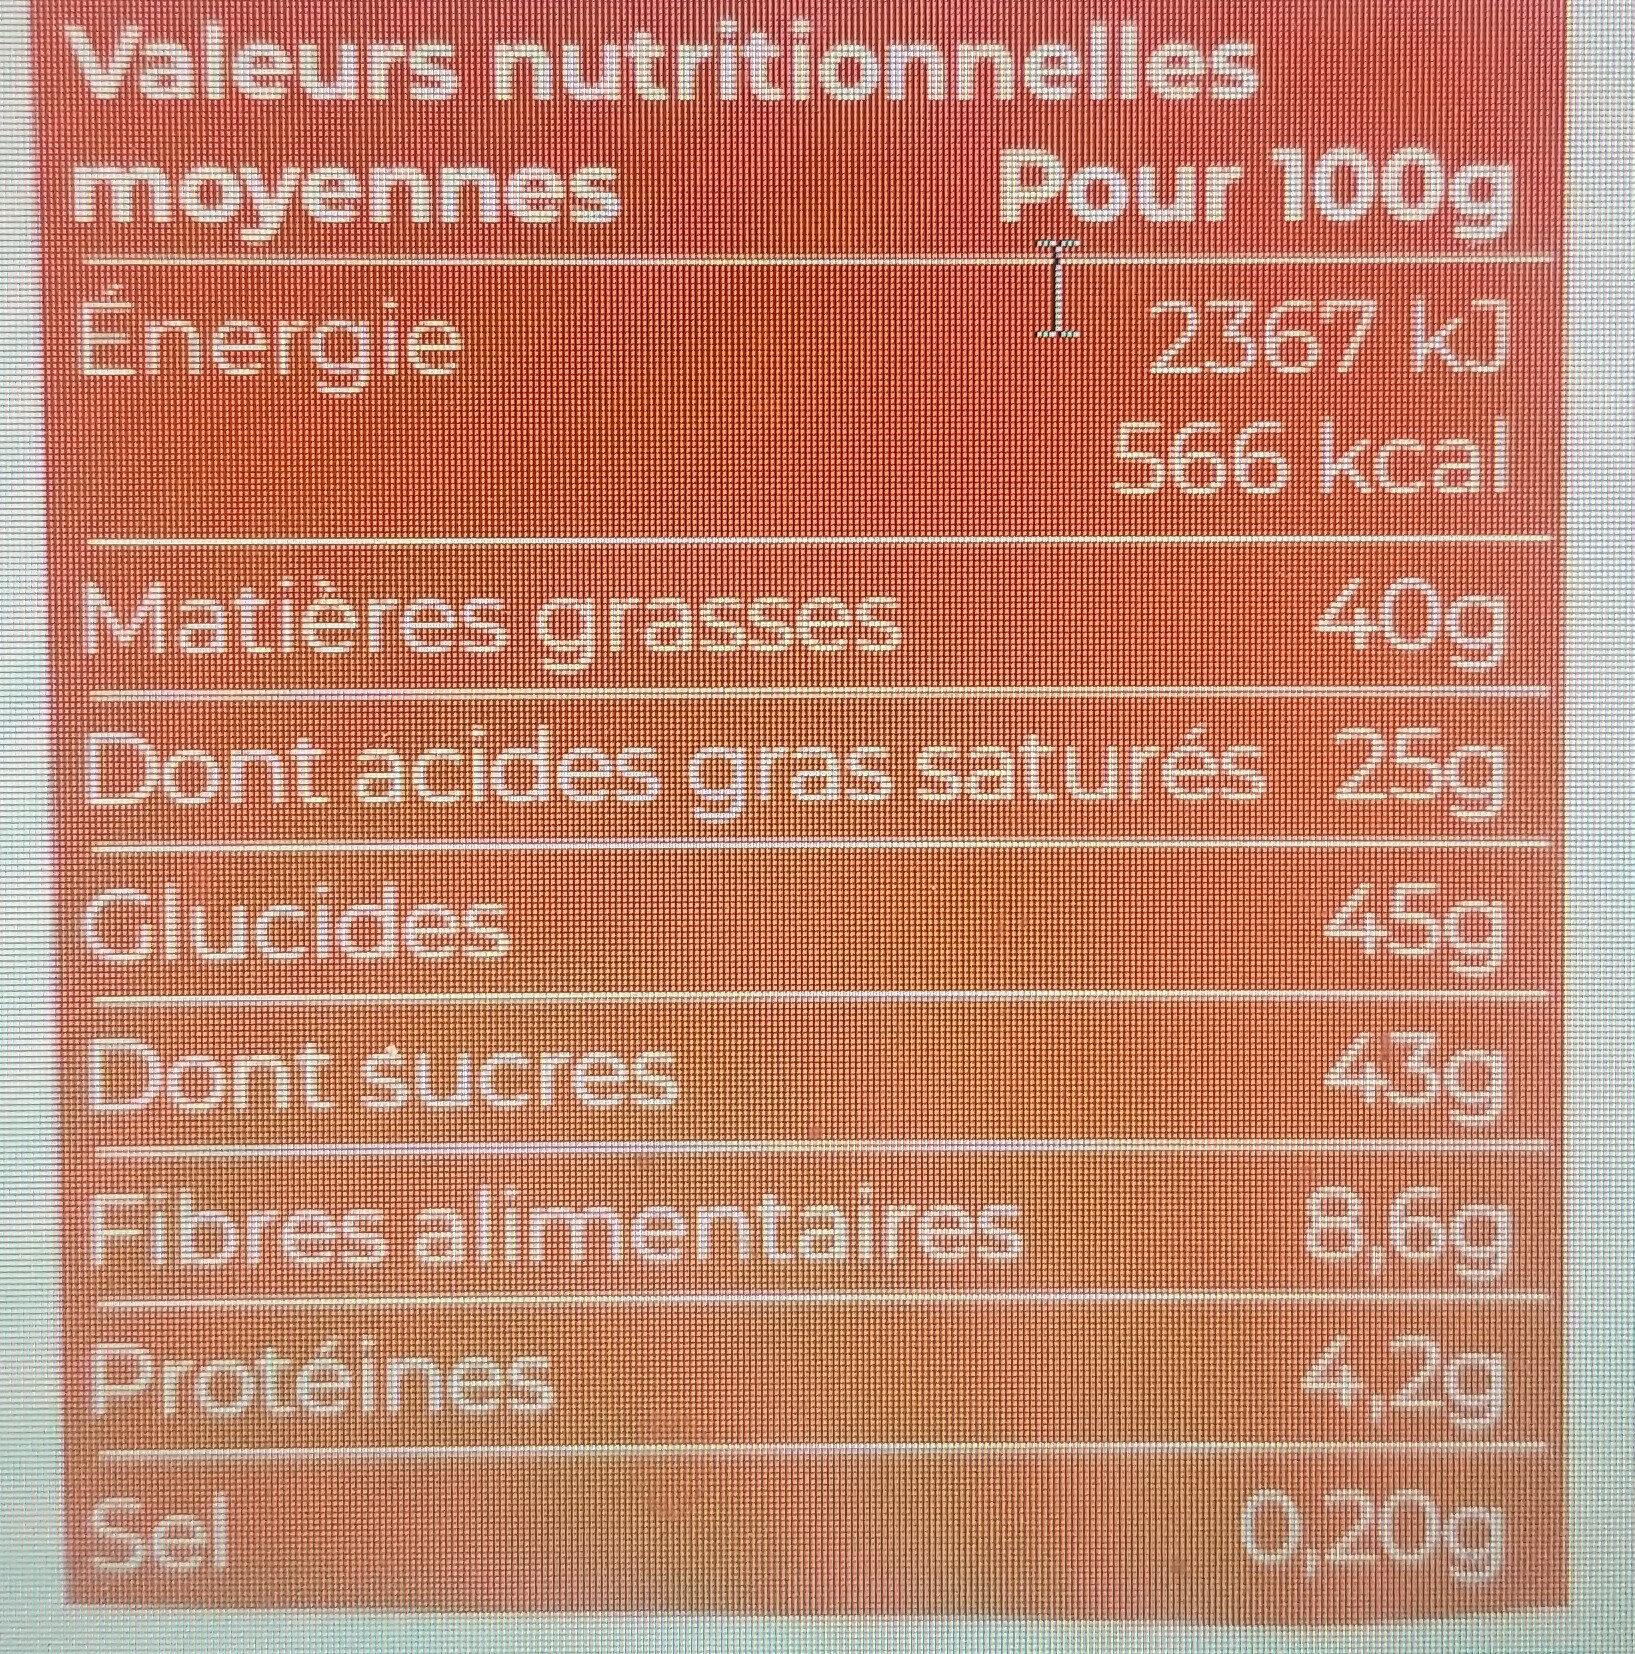 Chocolat pâtissier 56% bio et équitable - 200g - Valori nutrizionali - fr